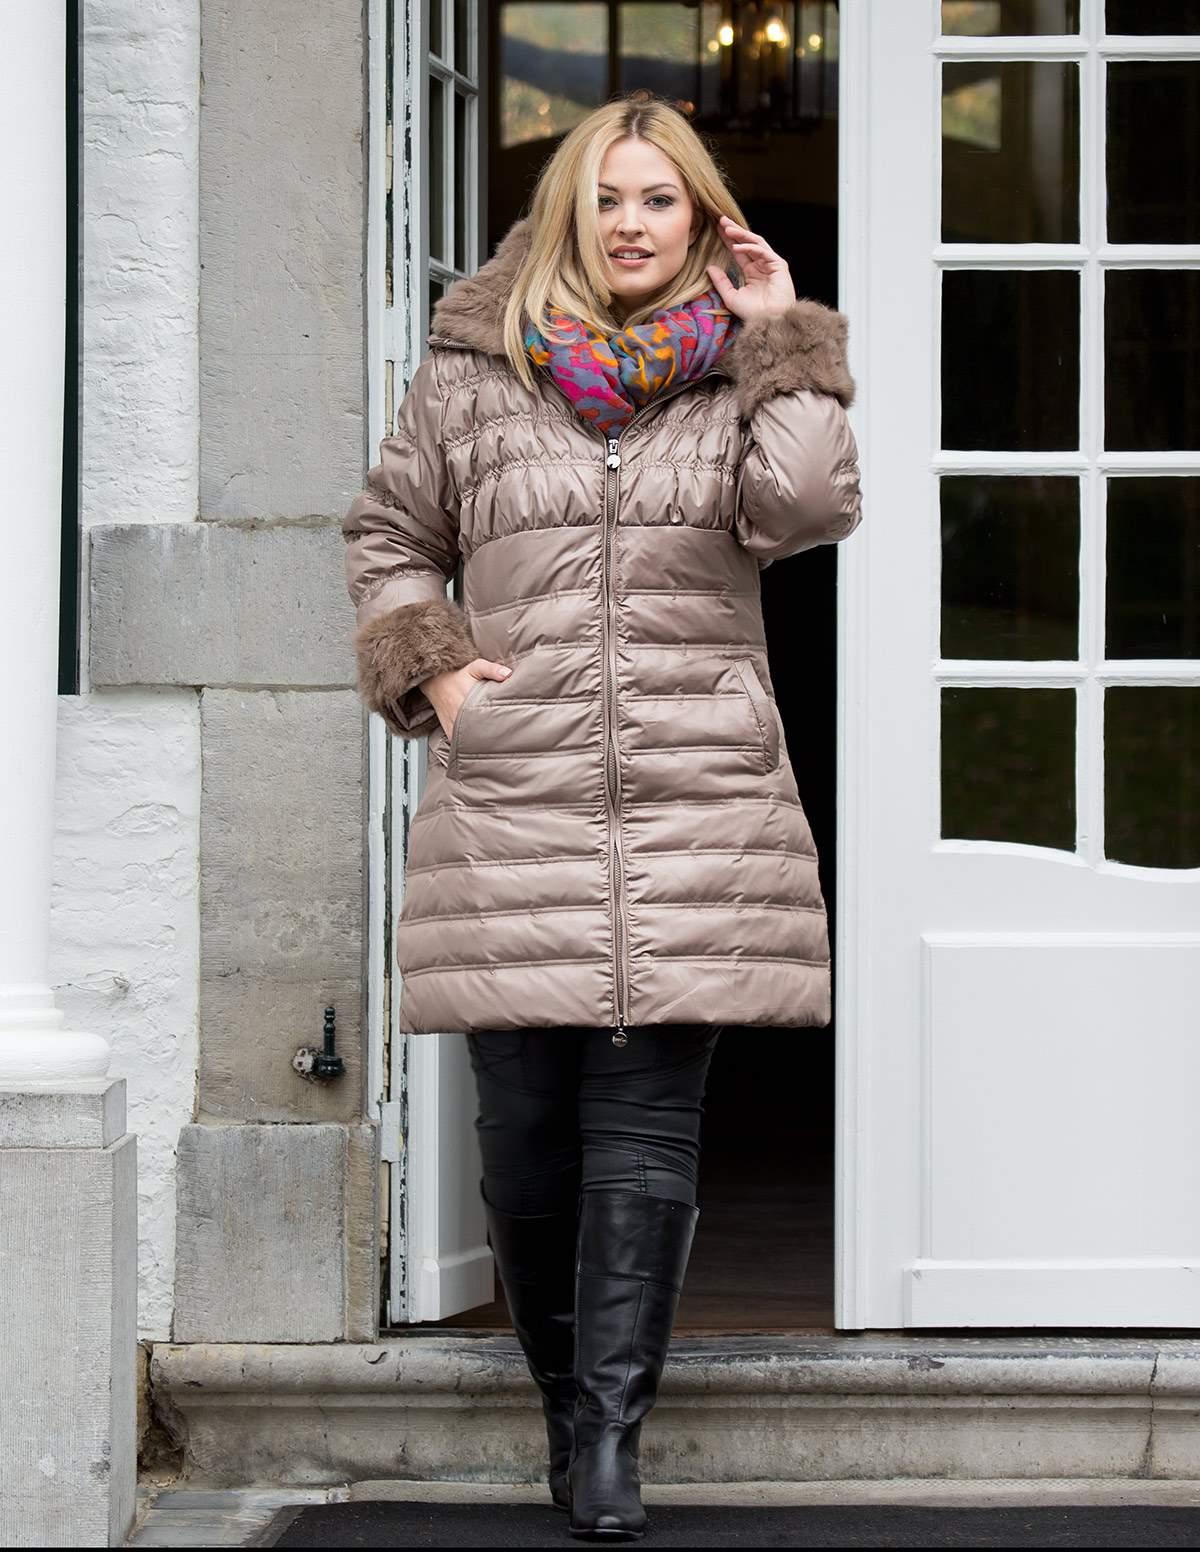 navabi_coats-dny-down-coat-with-fur-trim-beige_A17435_F0100